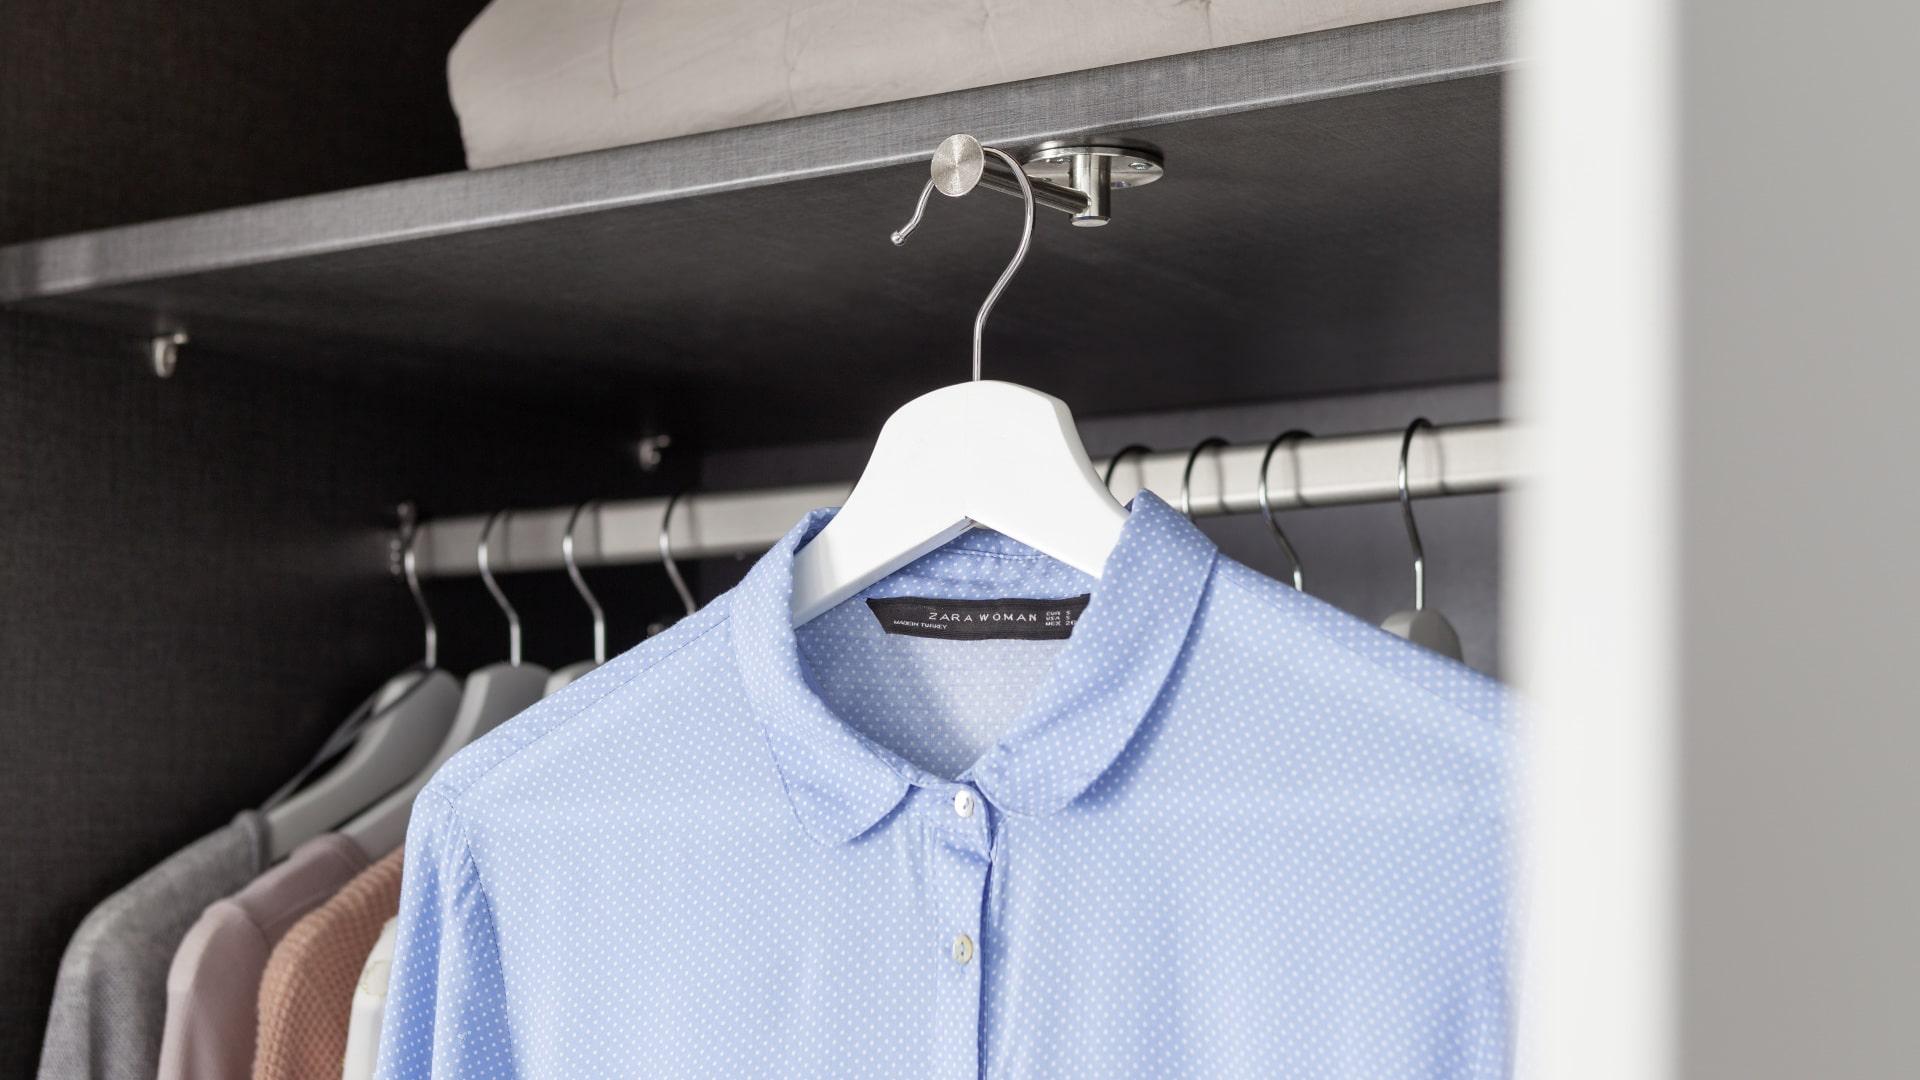 zewnętrzny wieszak na ubranie firmy nolte